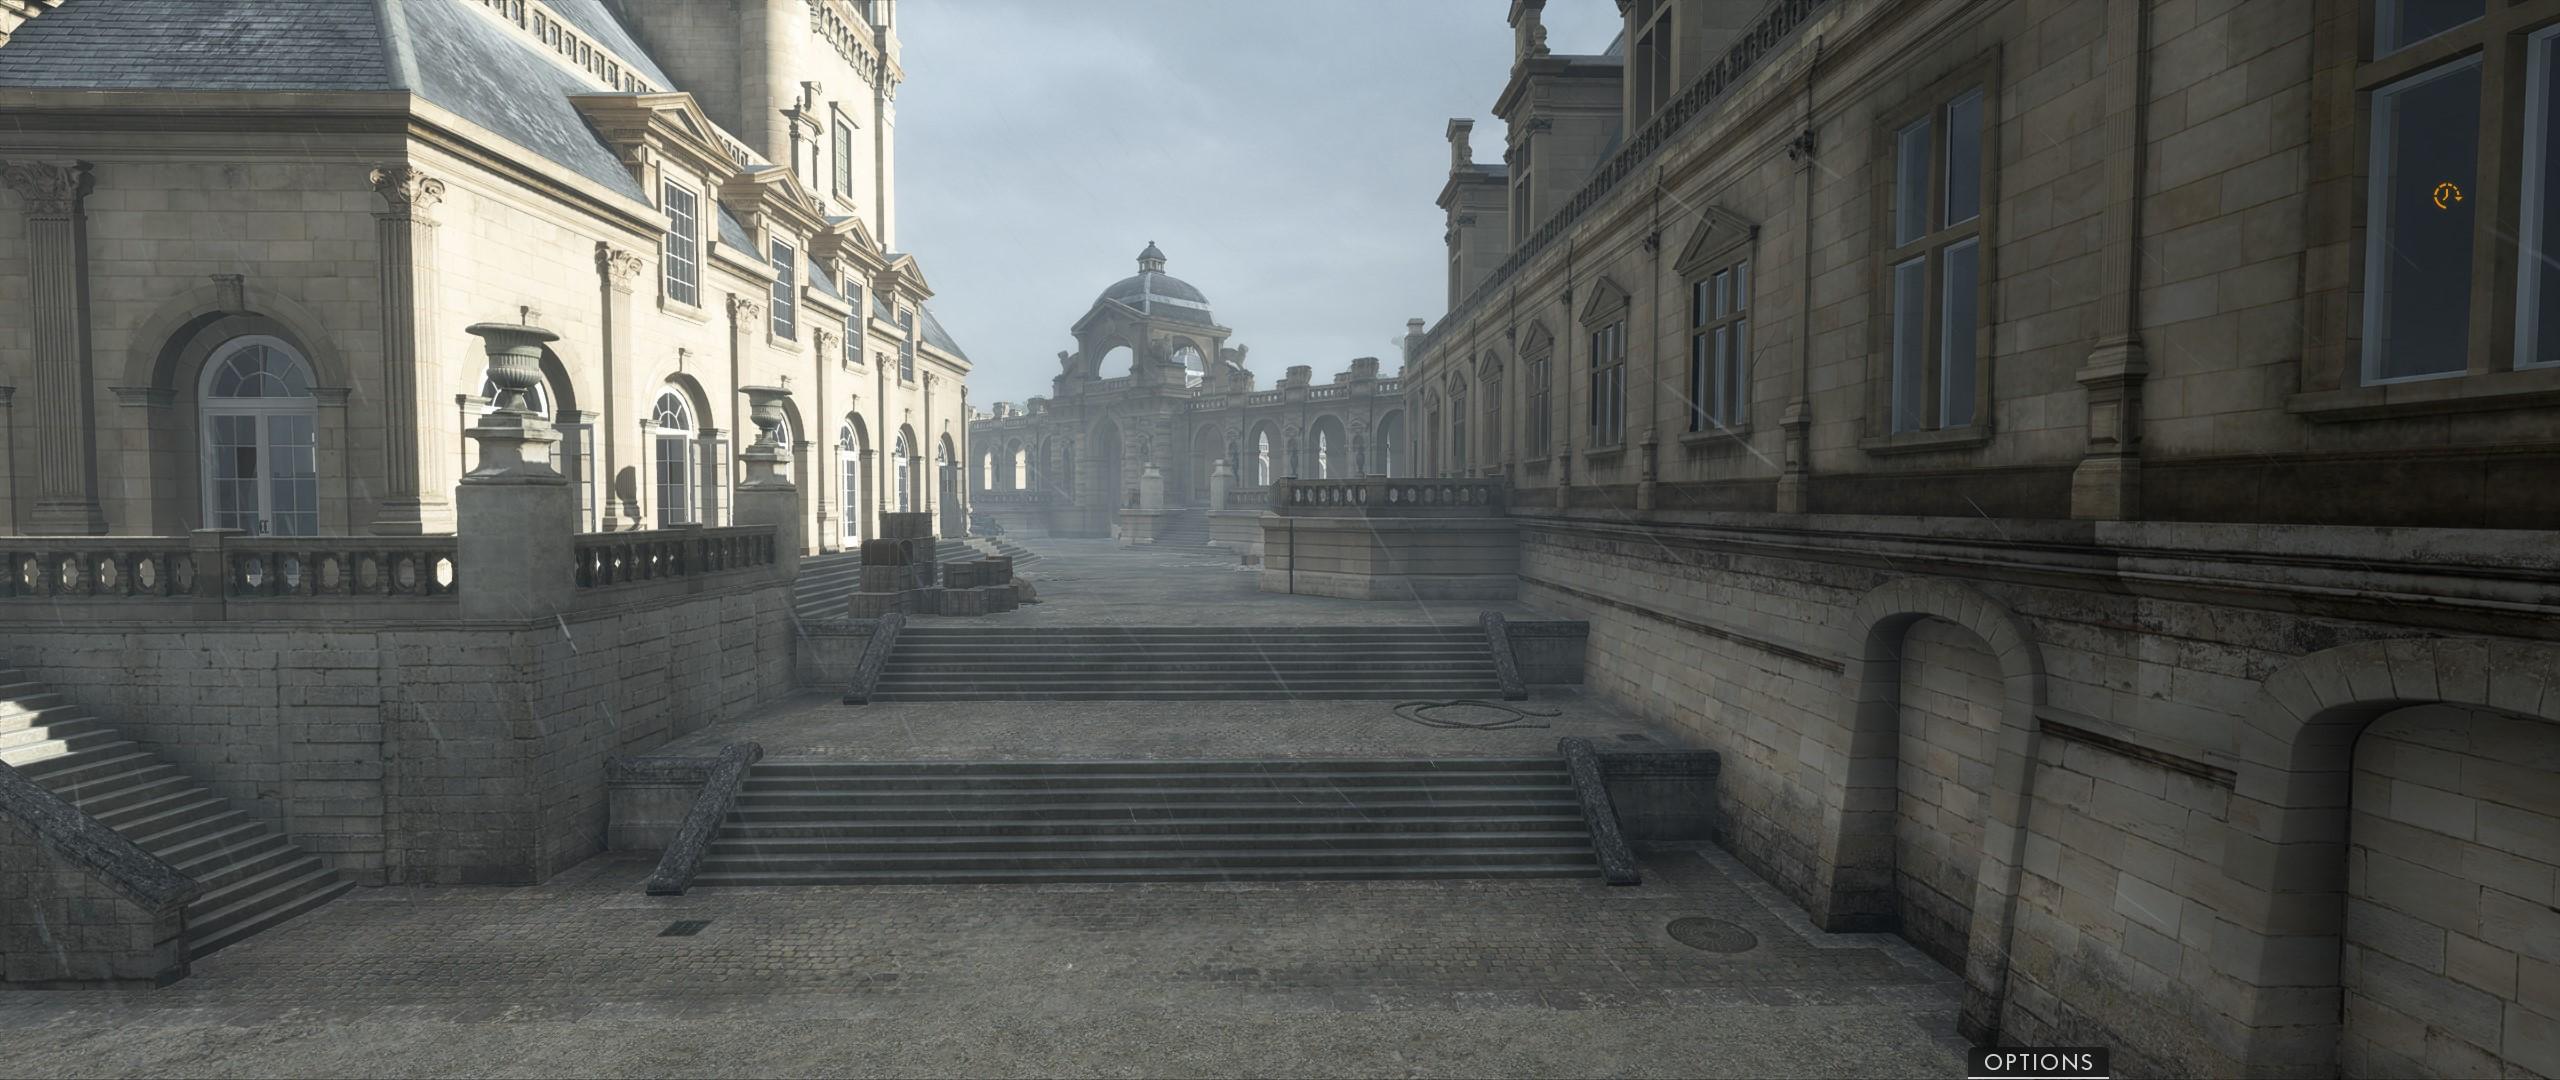 chateau (35).jpg